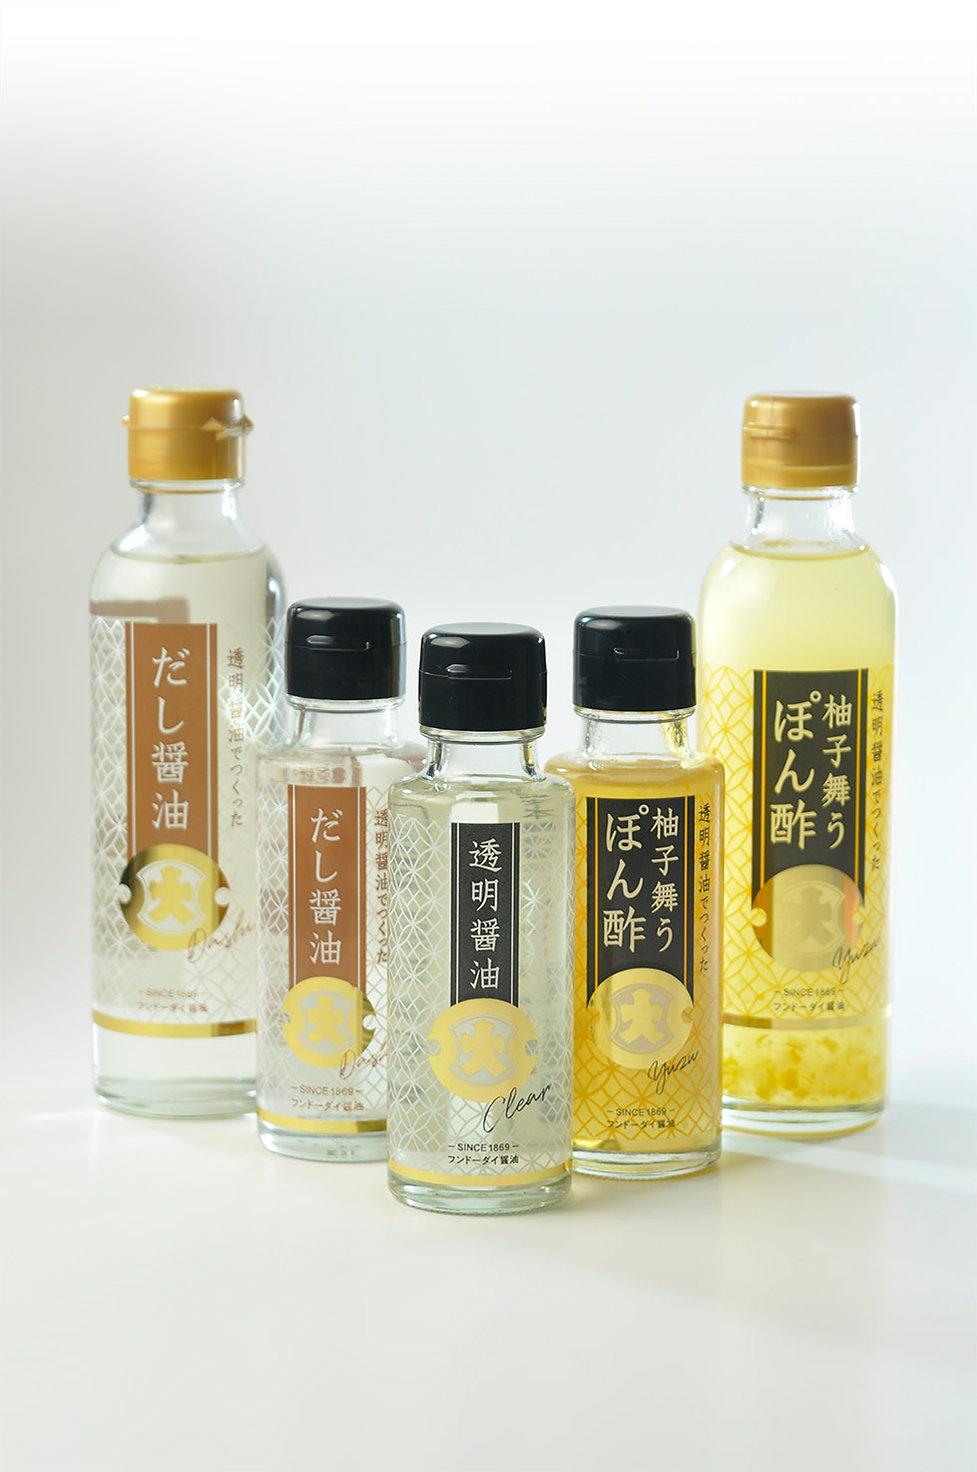 透明醤油シリーズカット980.jpg